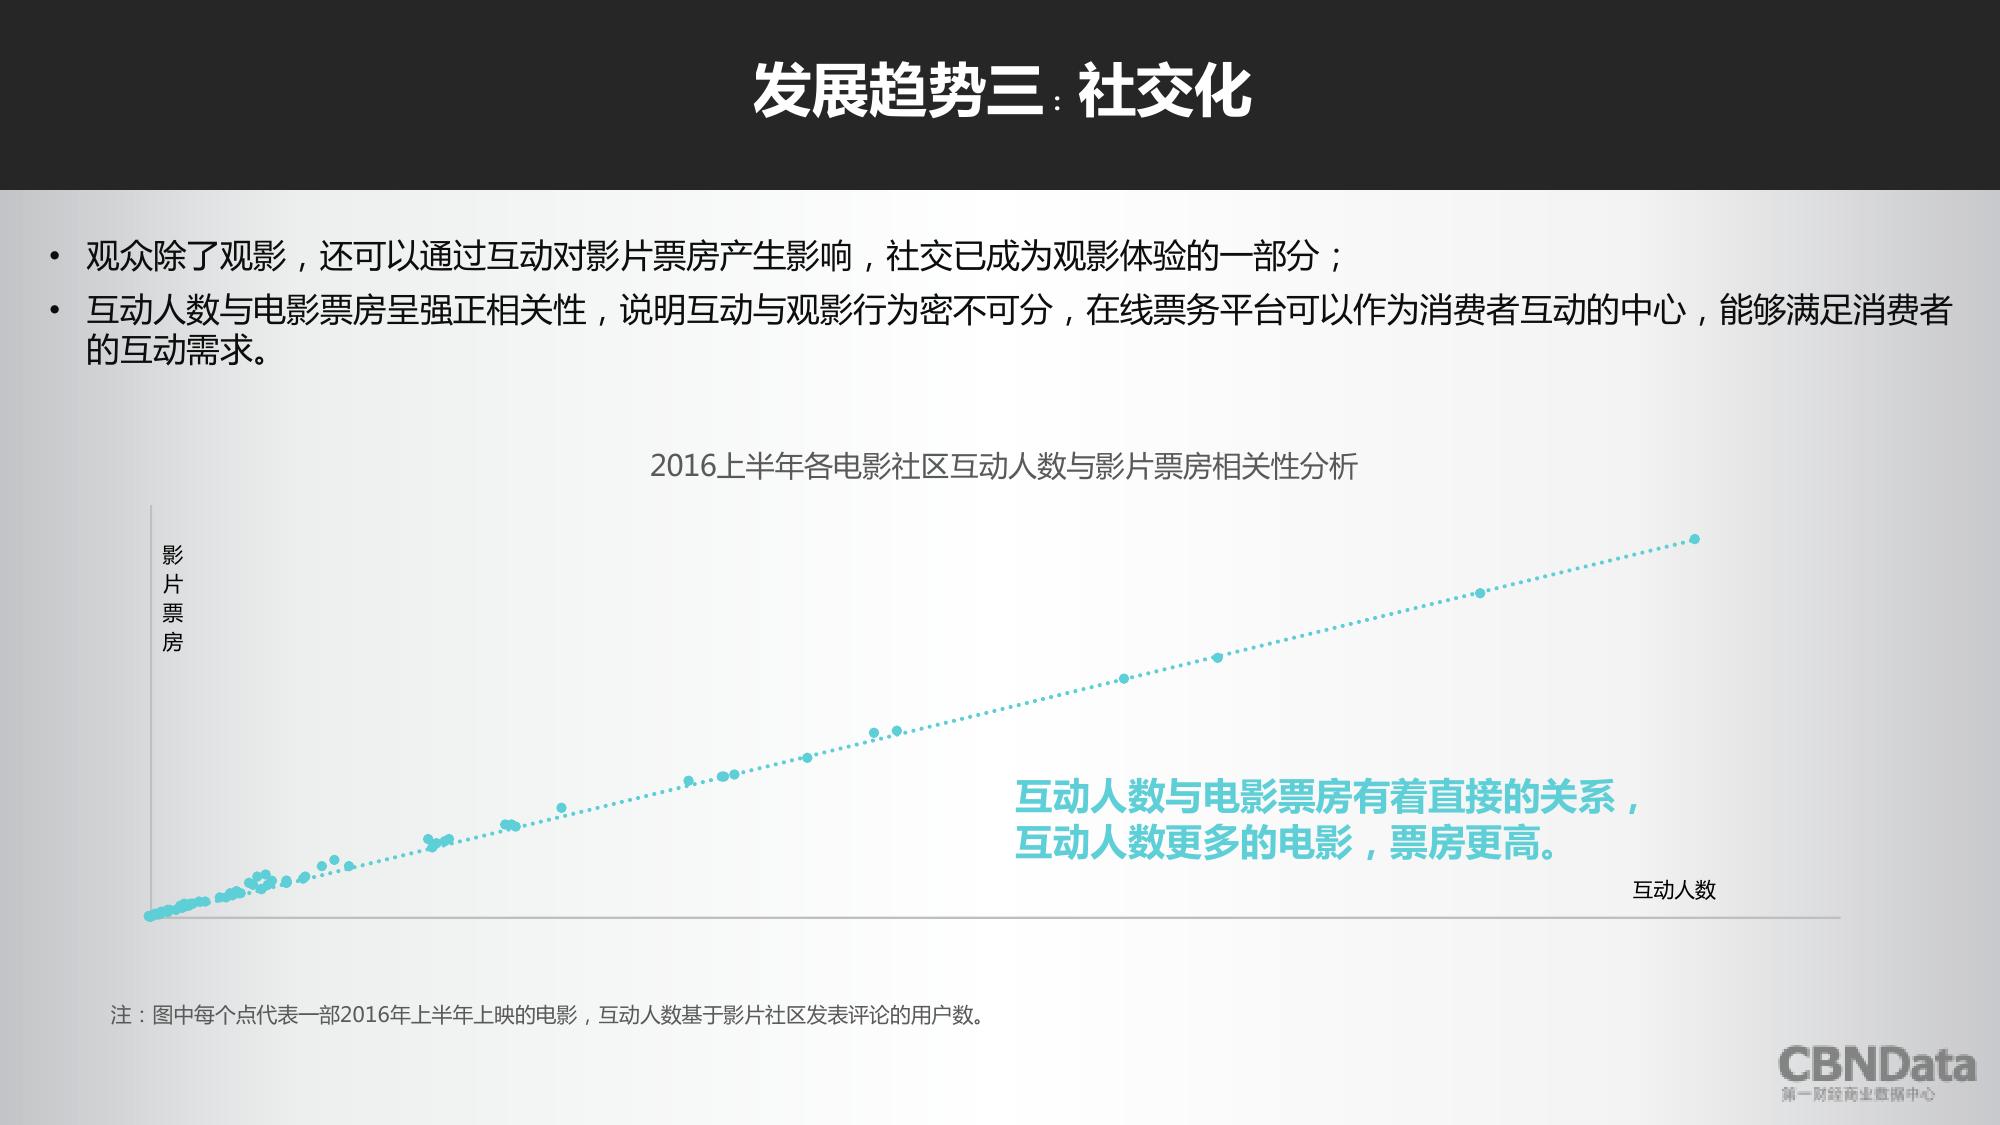 2016上半年中国在线票务平台大数据报告_000028